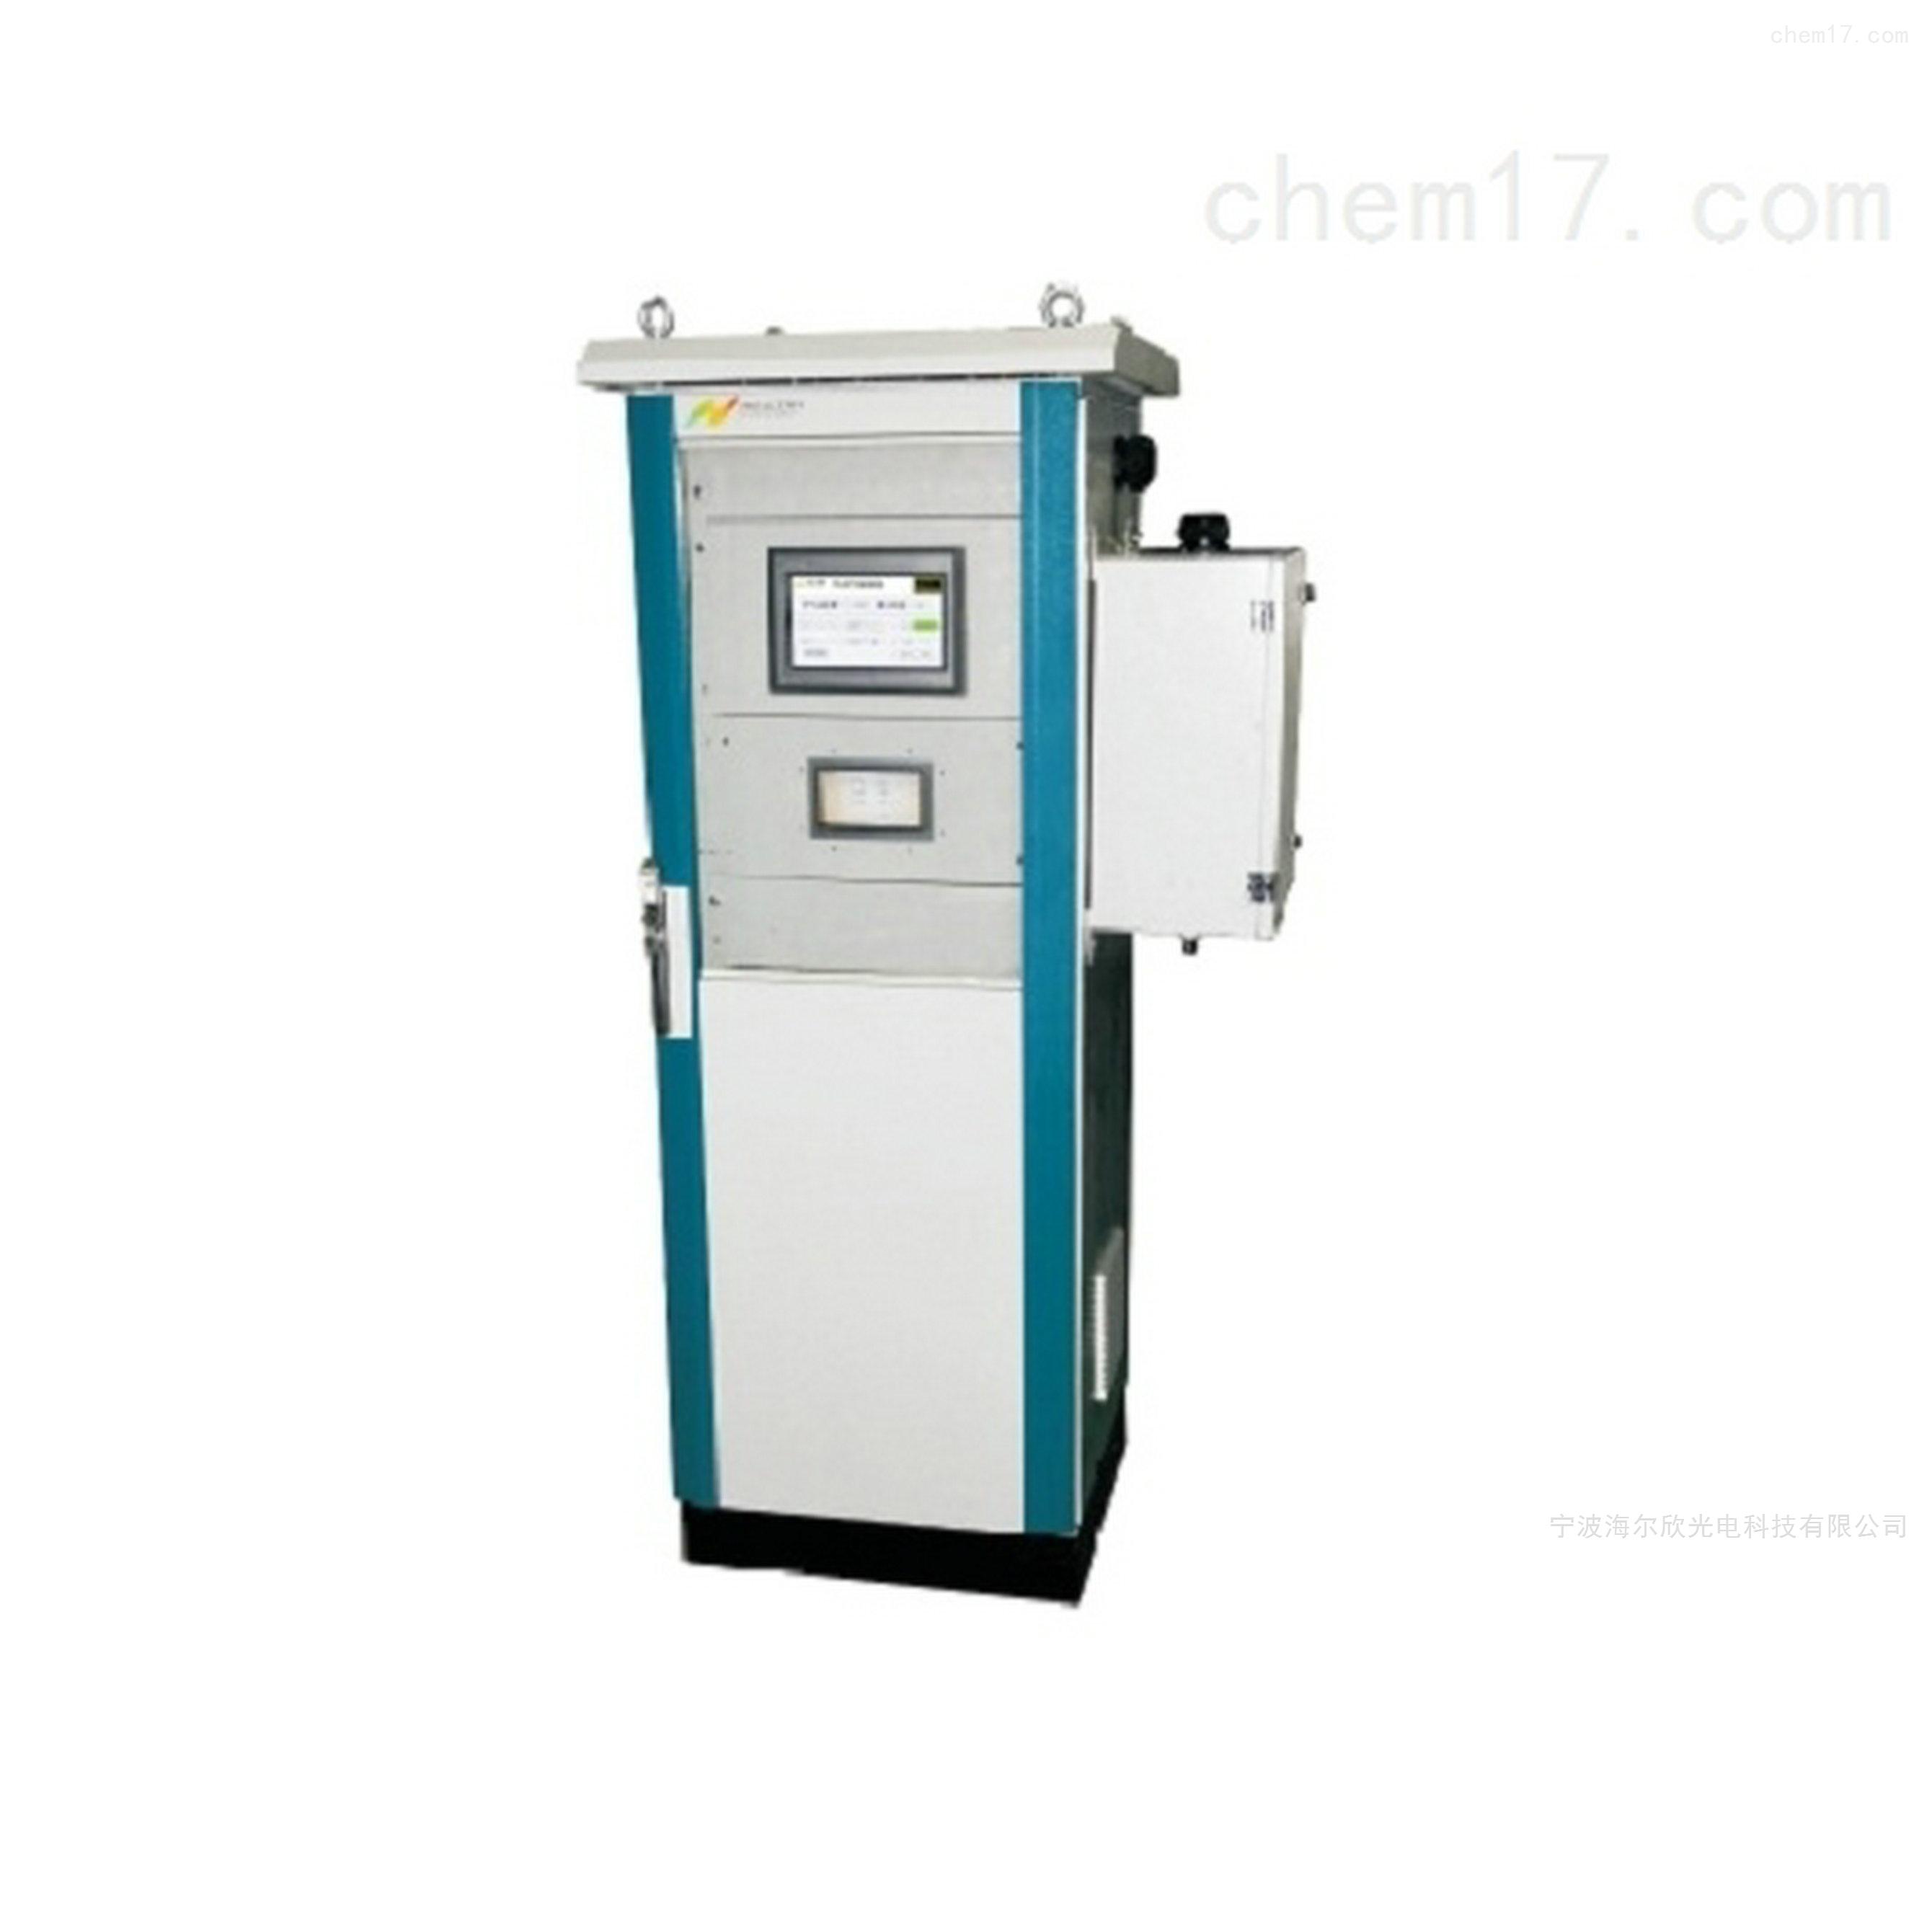 氮氧化物分析仪器